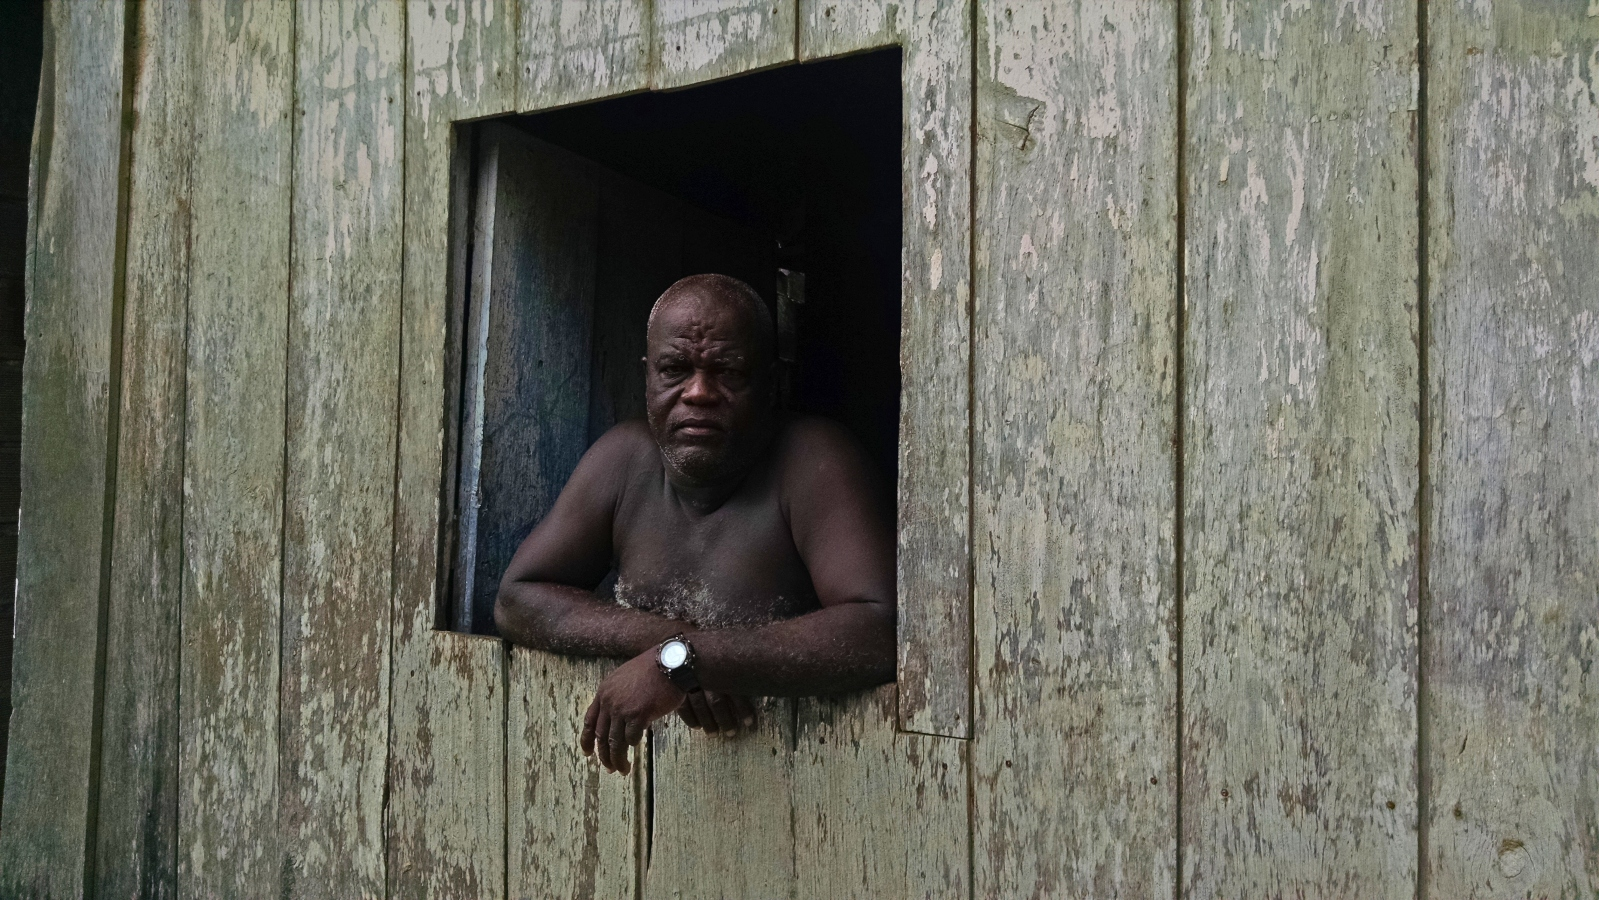 historias/bogota/banco-mundial-asegura-que-mas-de-la-mitad-de-colombia-cuenta-con-predios-informales